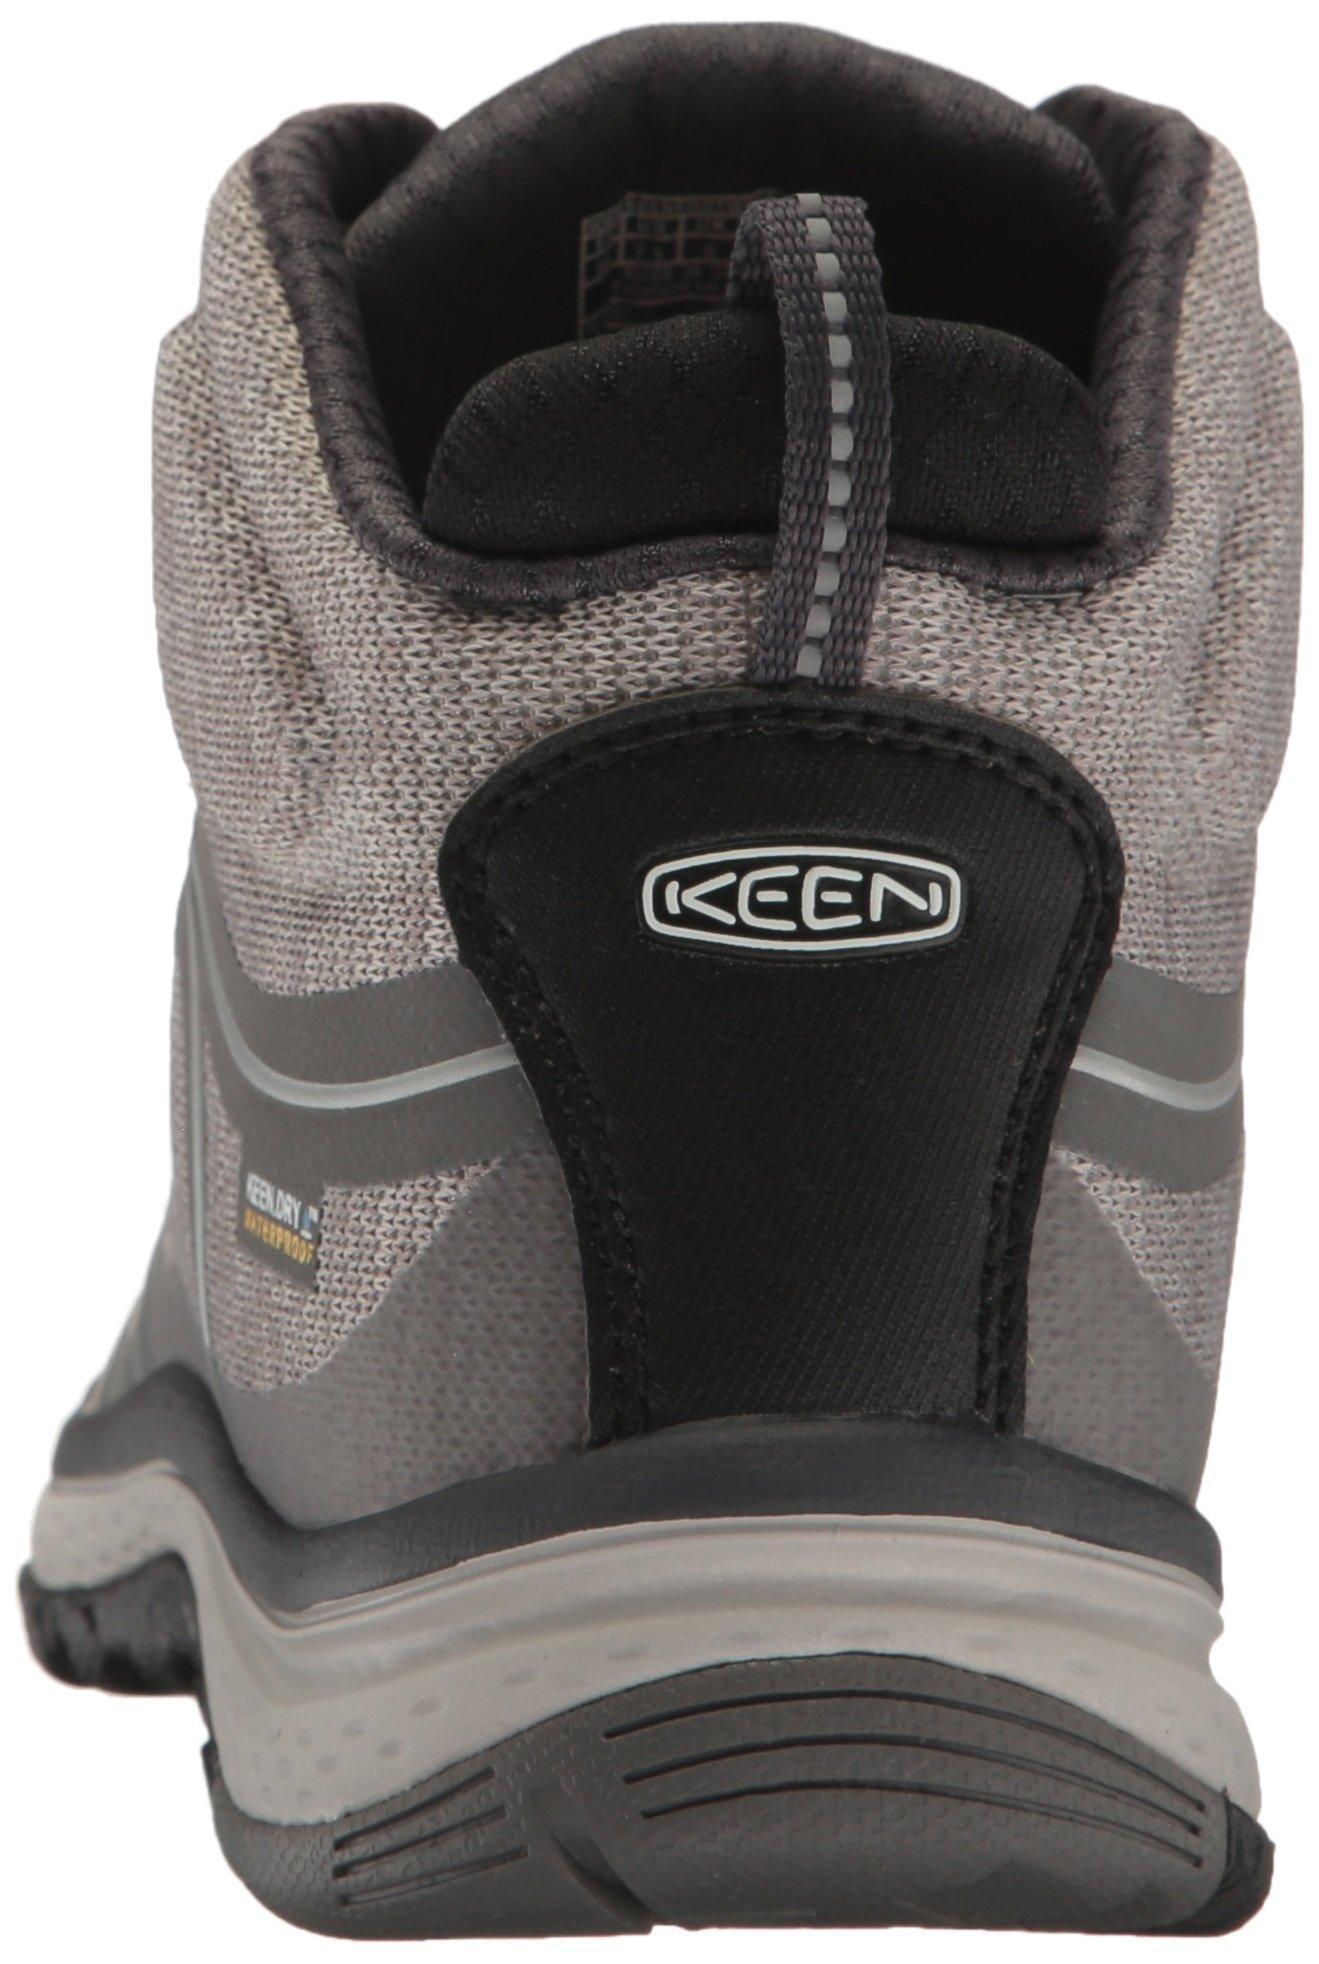 KEEN Women's Terradora Mid Waterproof Hiking Shoe, Gargoyle/Magnet, 9 M US by KEEN (Image #2)